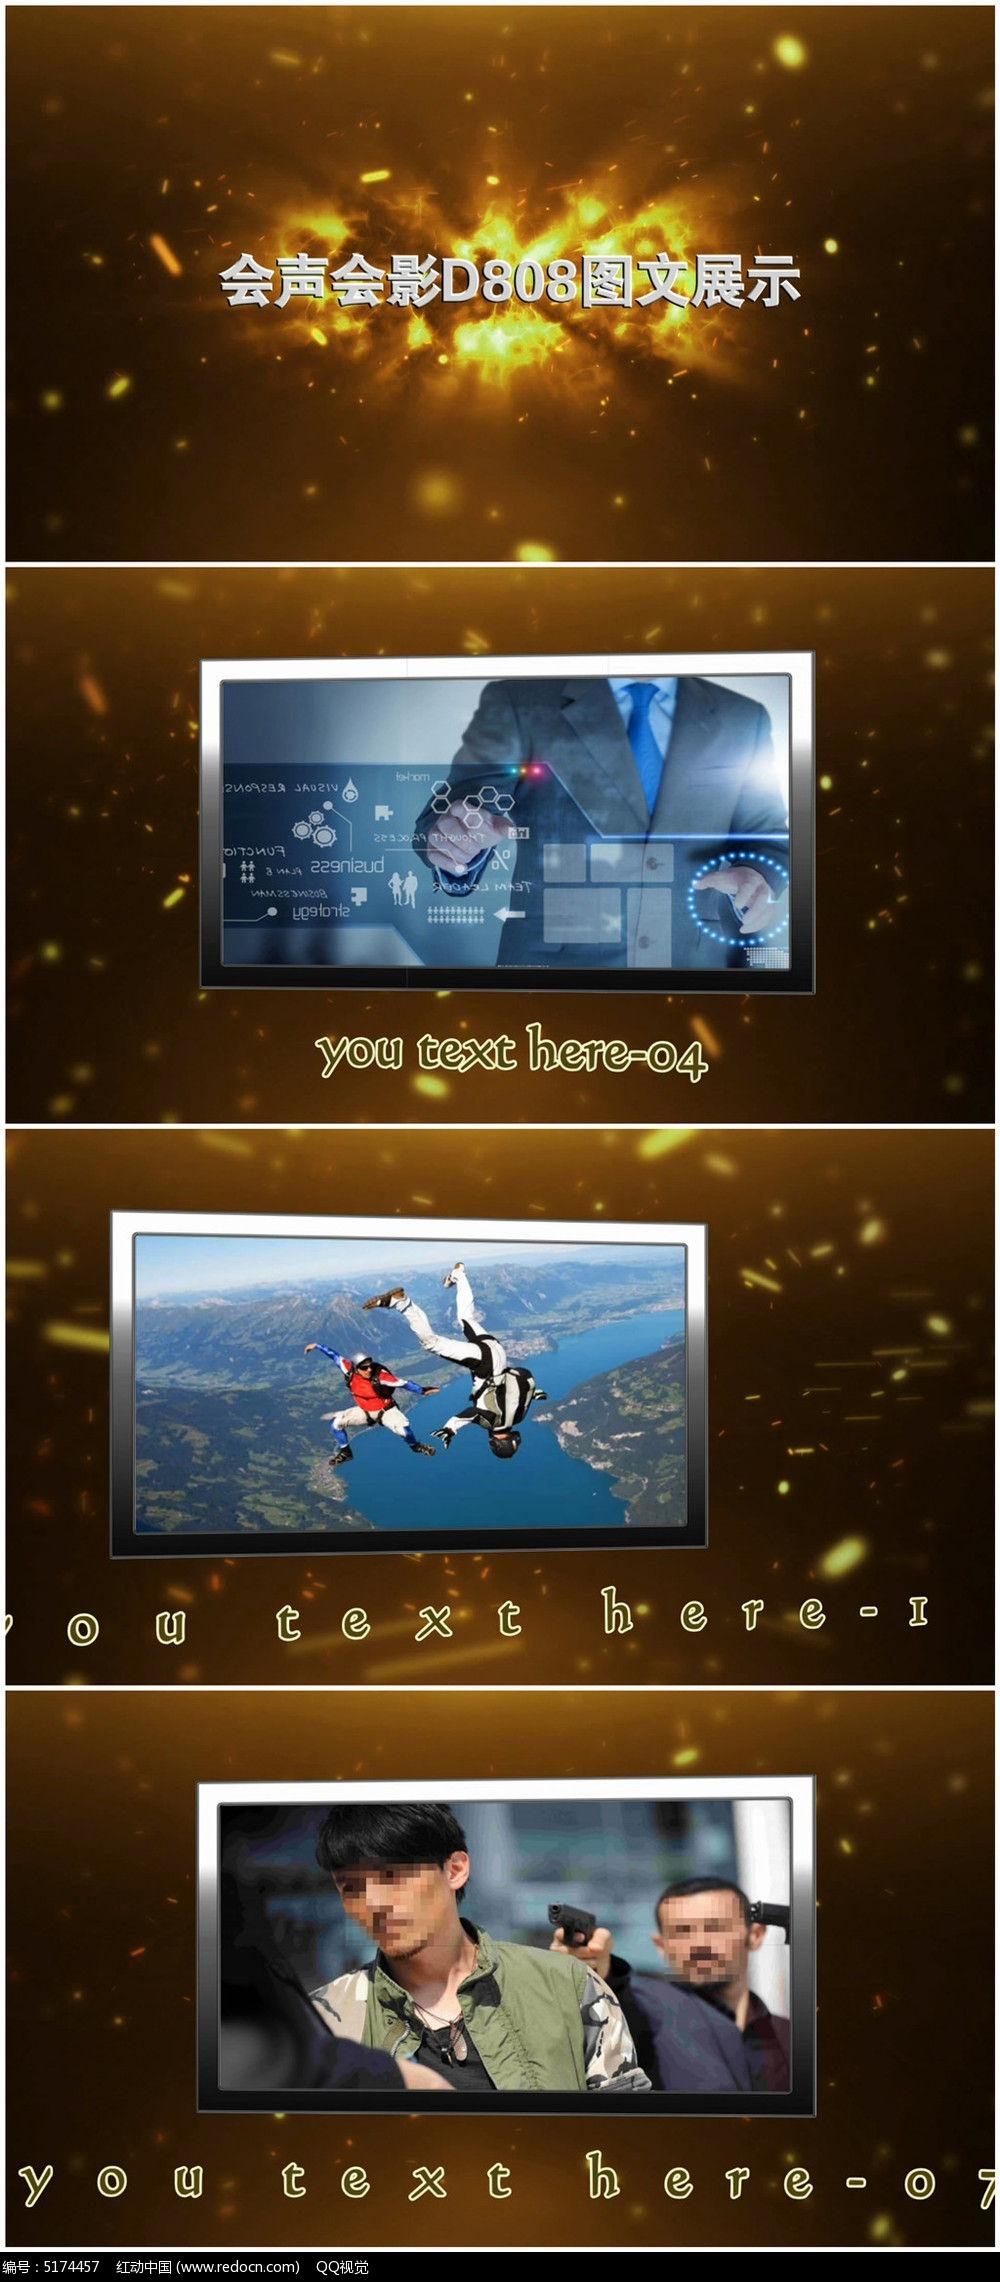 会声会影企业宣传展示视频模板vsp素材下载_其他视频